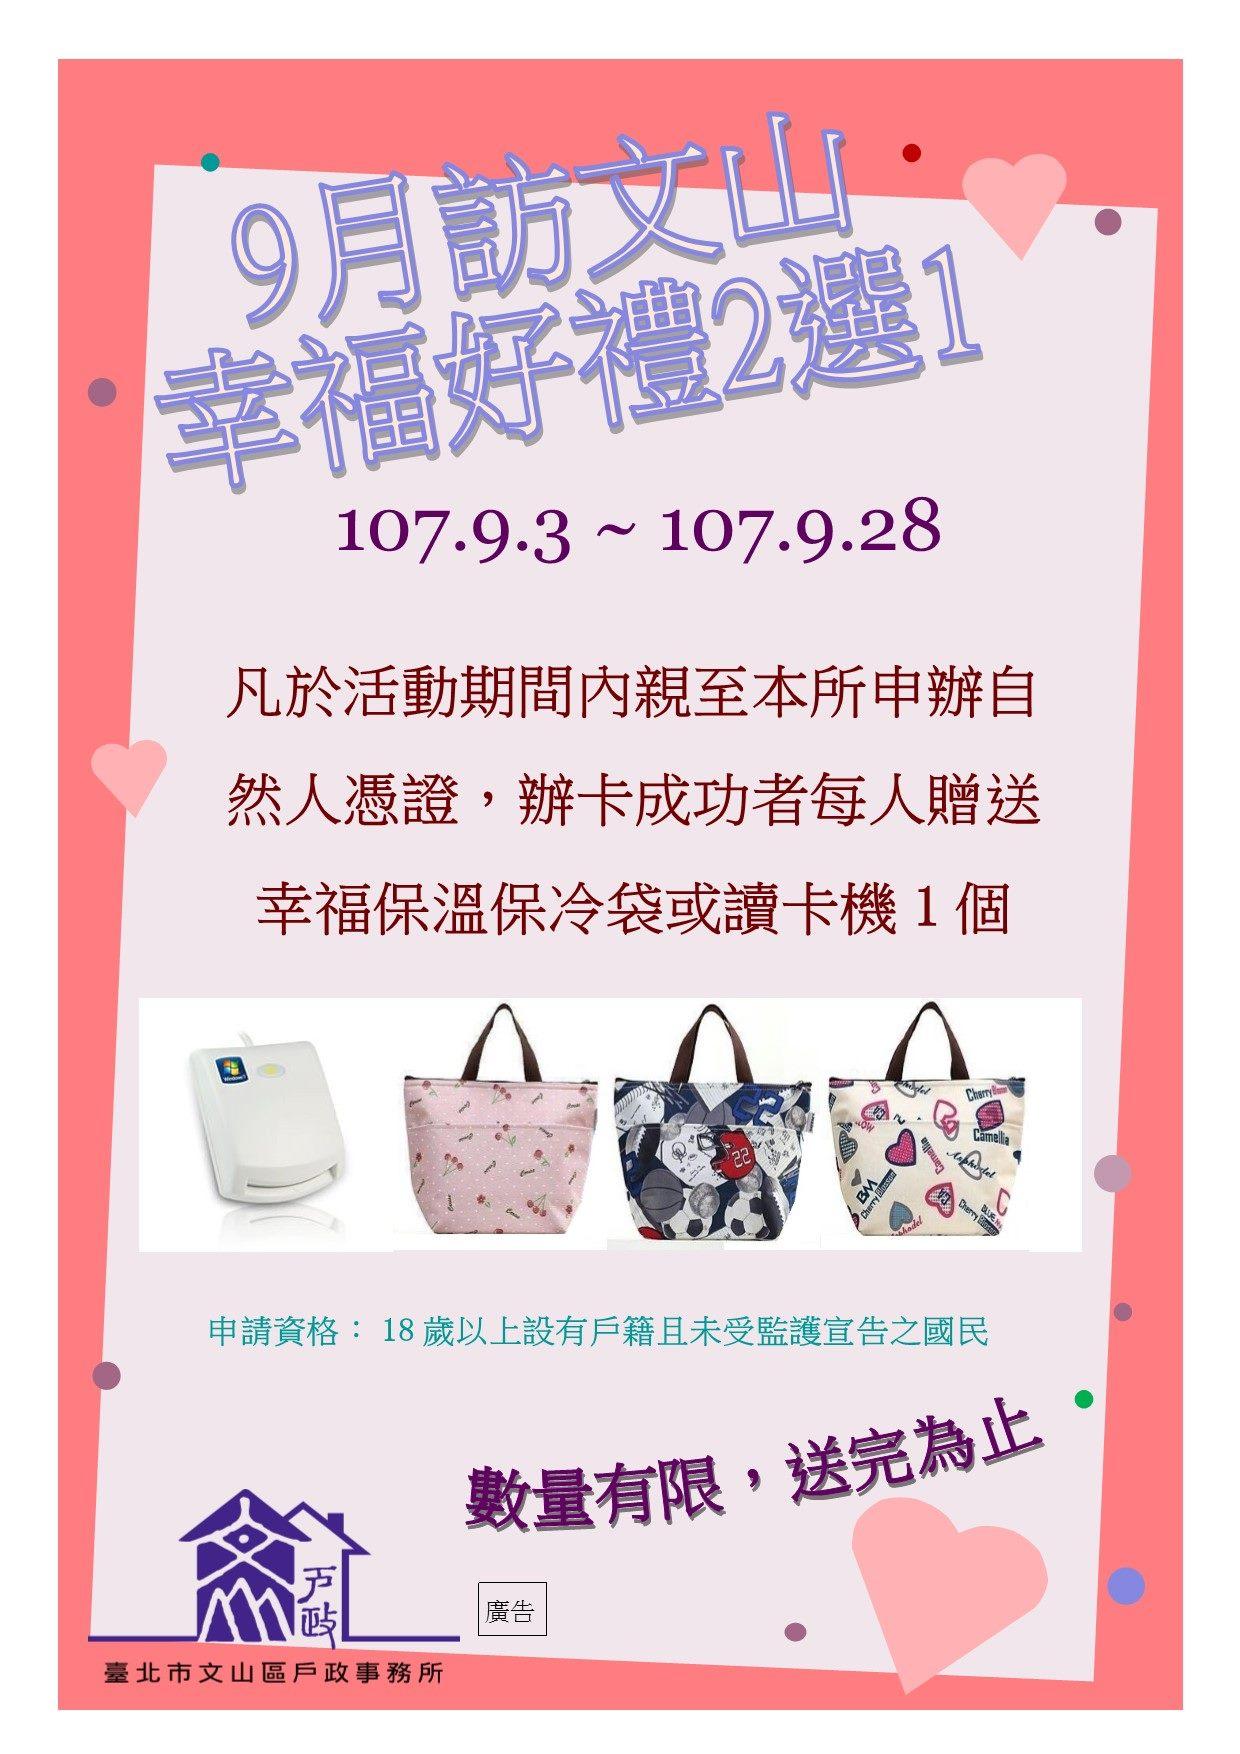 「9月訪文山,幸福好禮2選1」活動海報